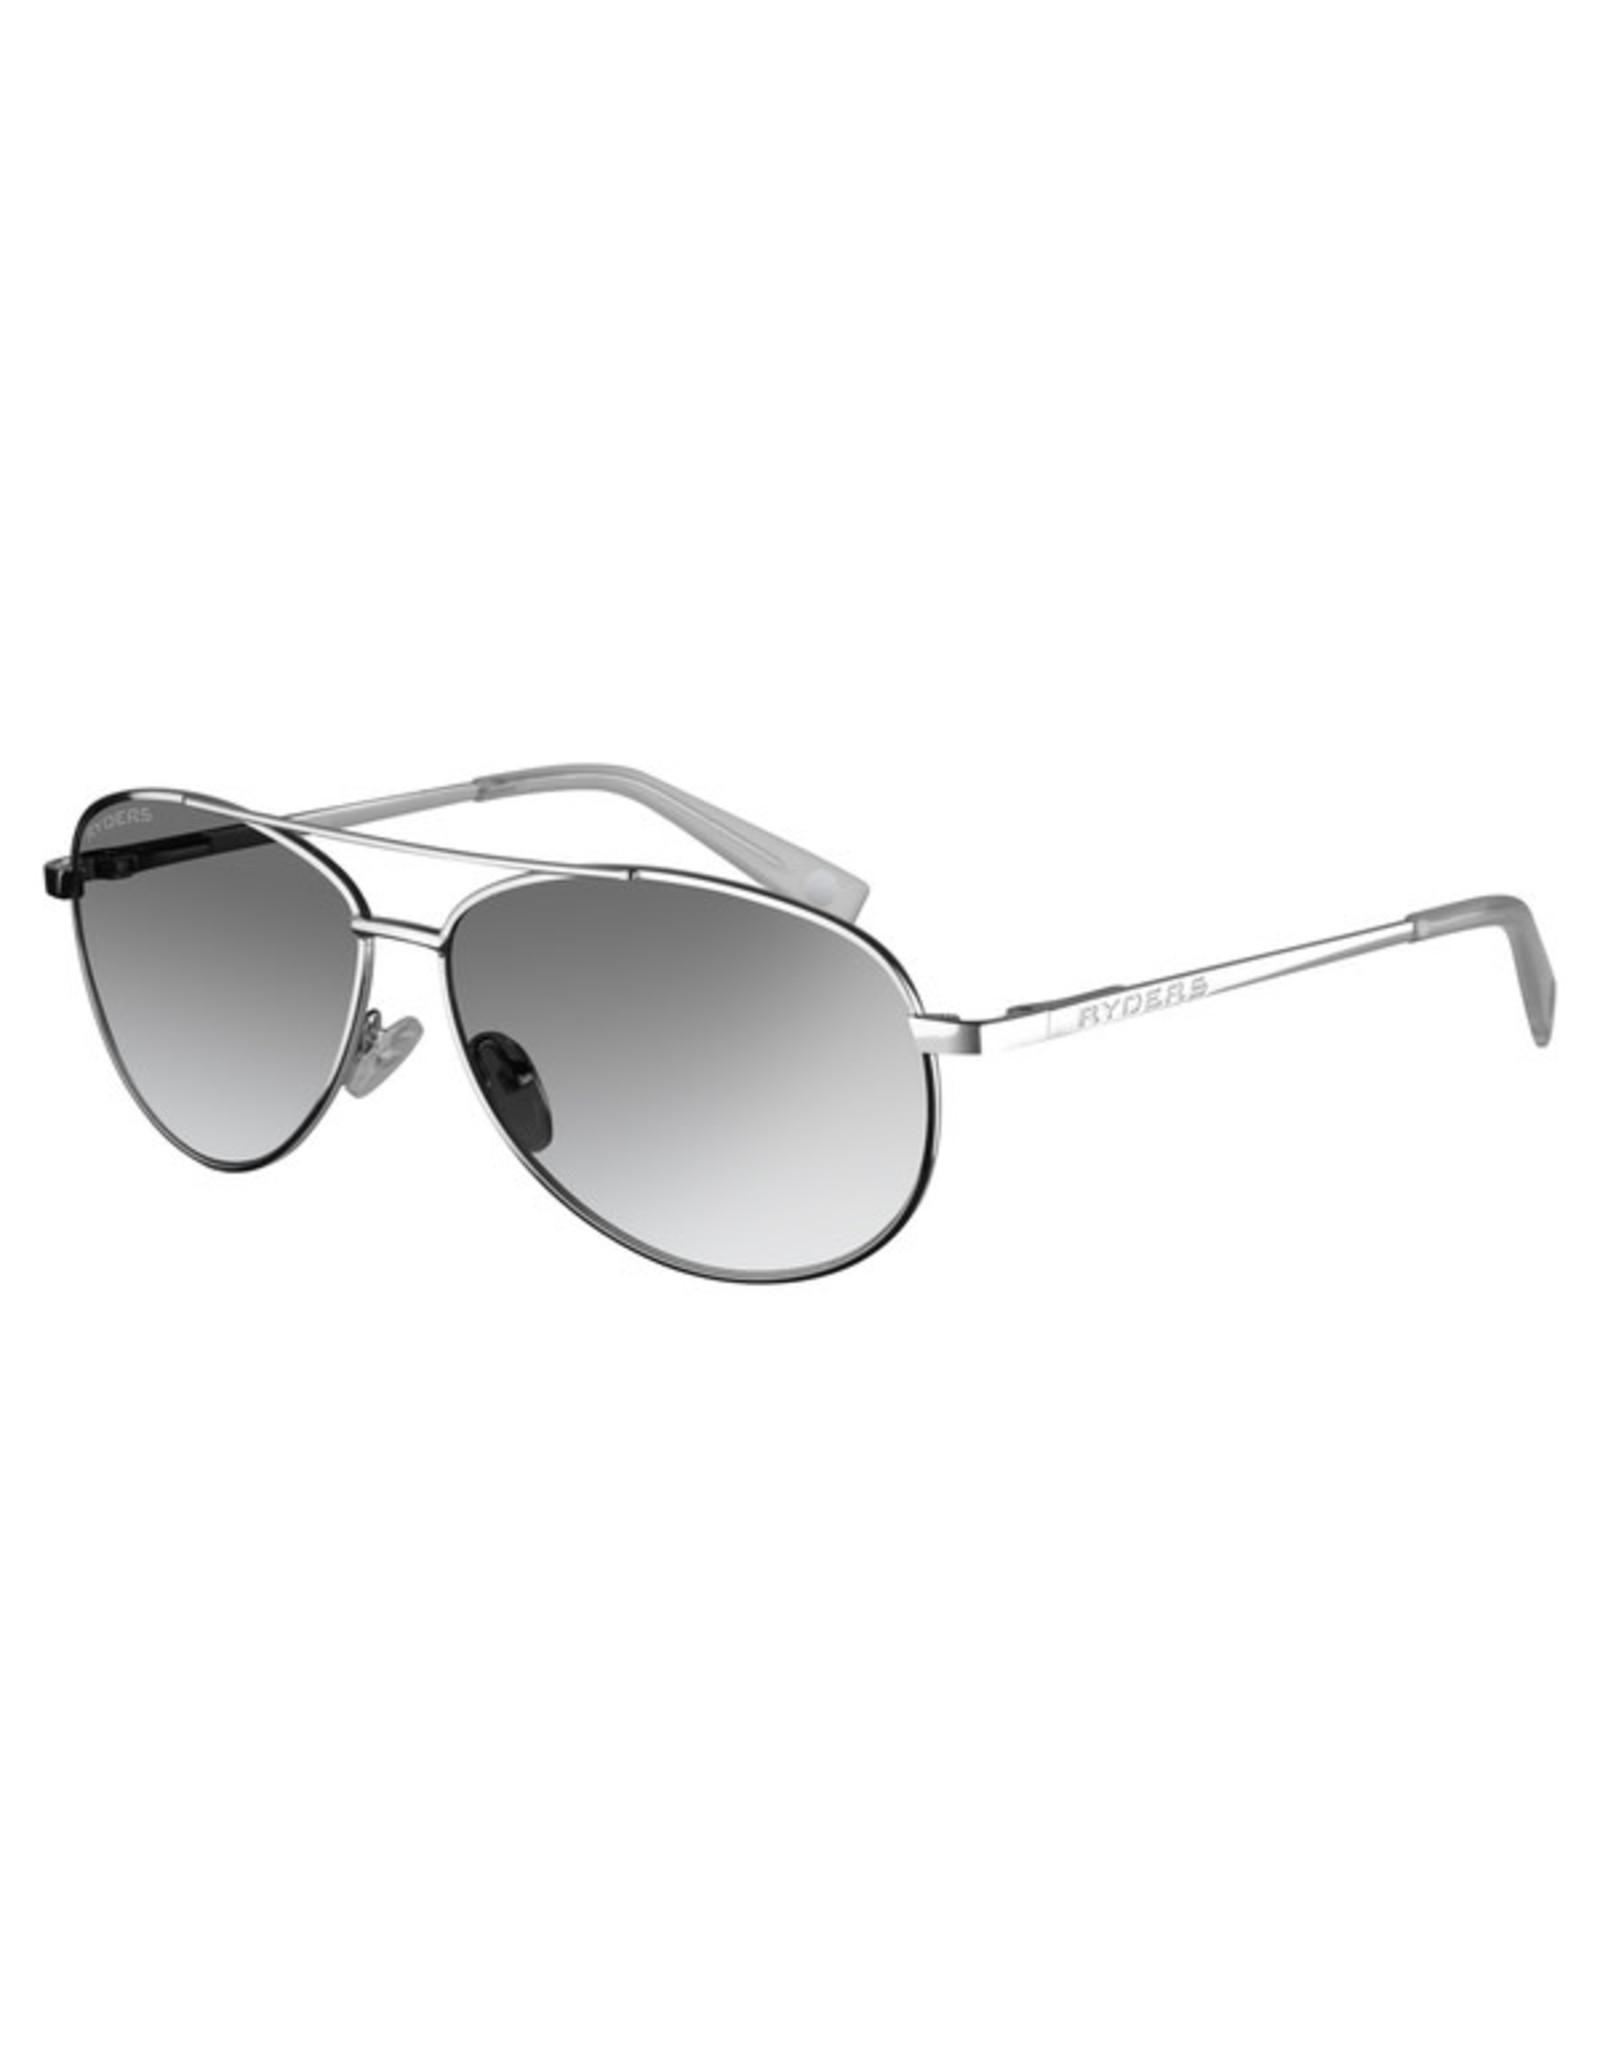 Ryders Eyewear Ryders Corsair Core Lens S19